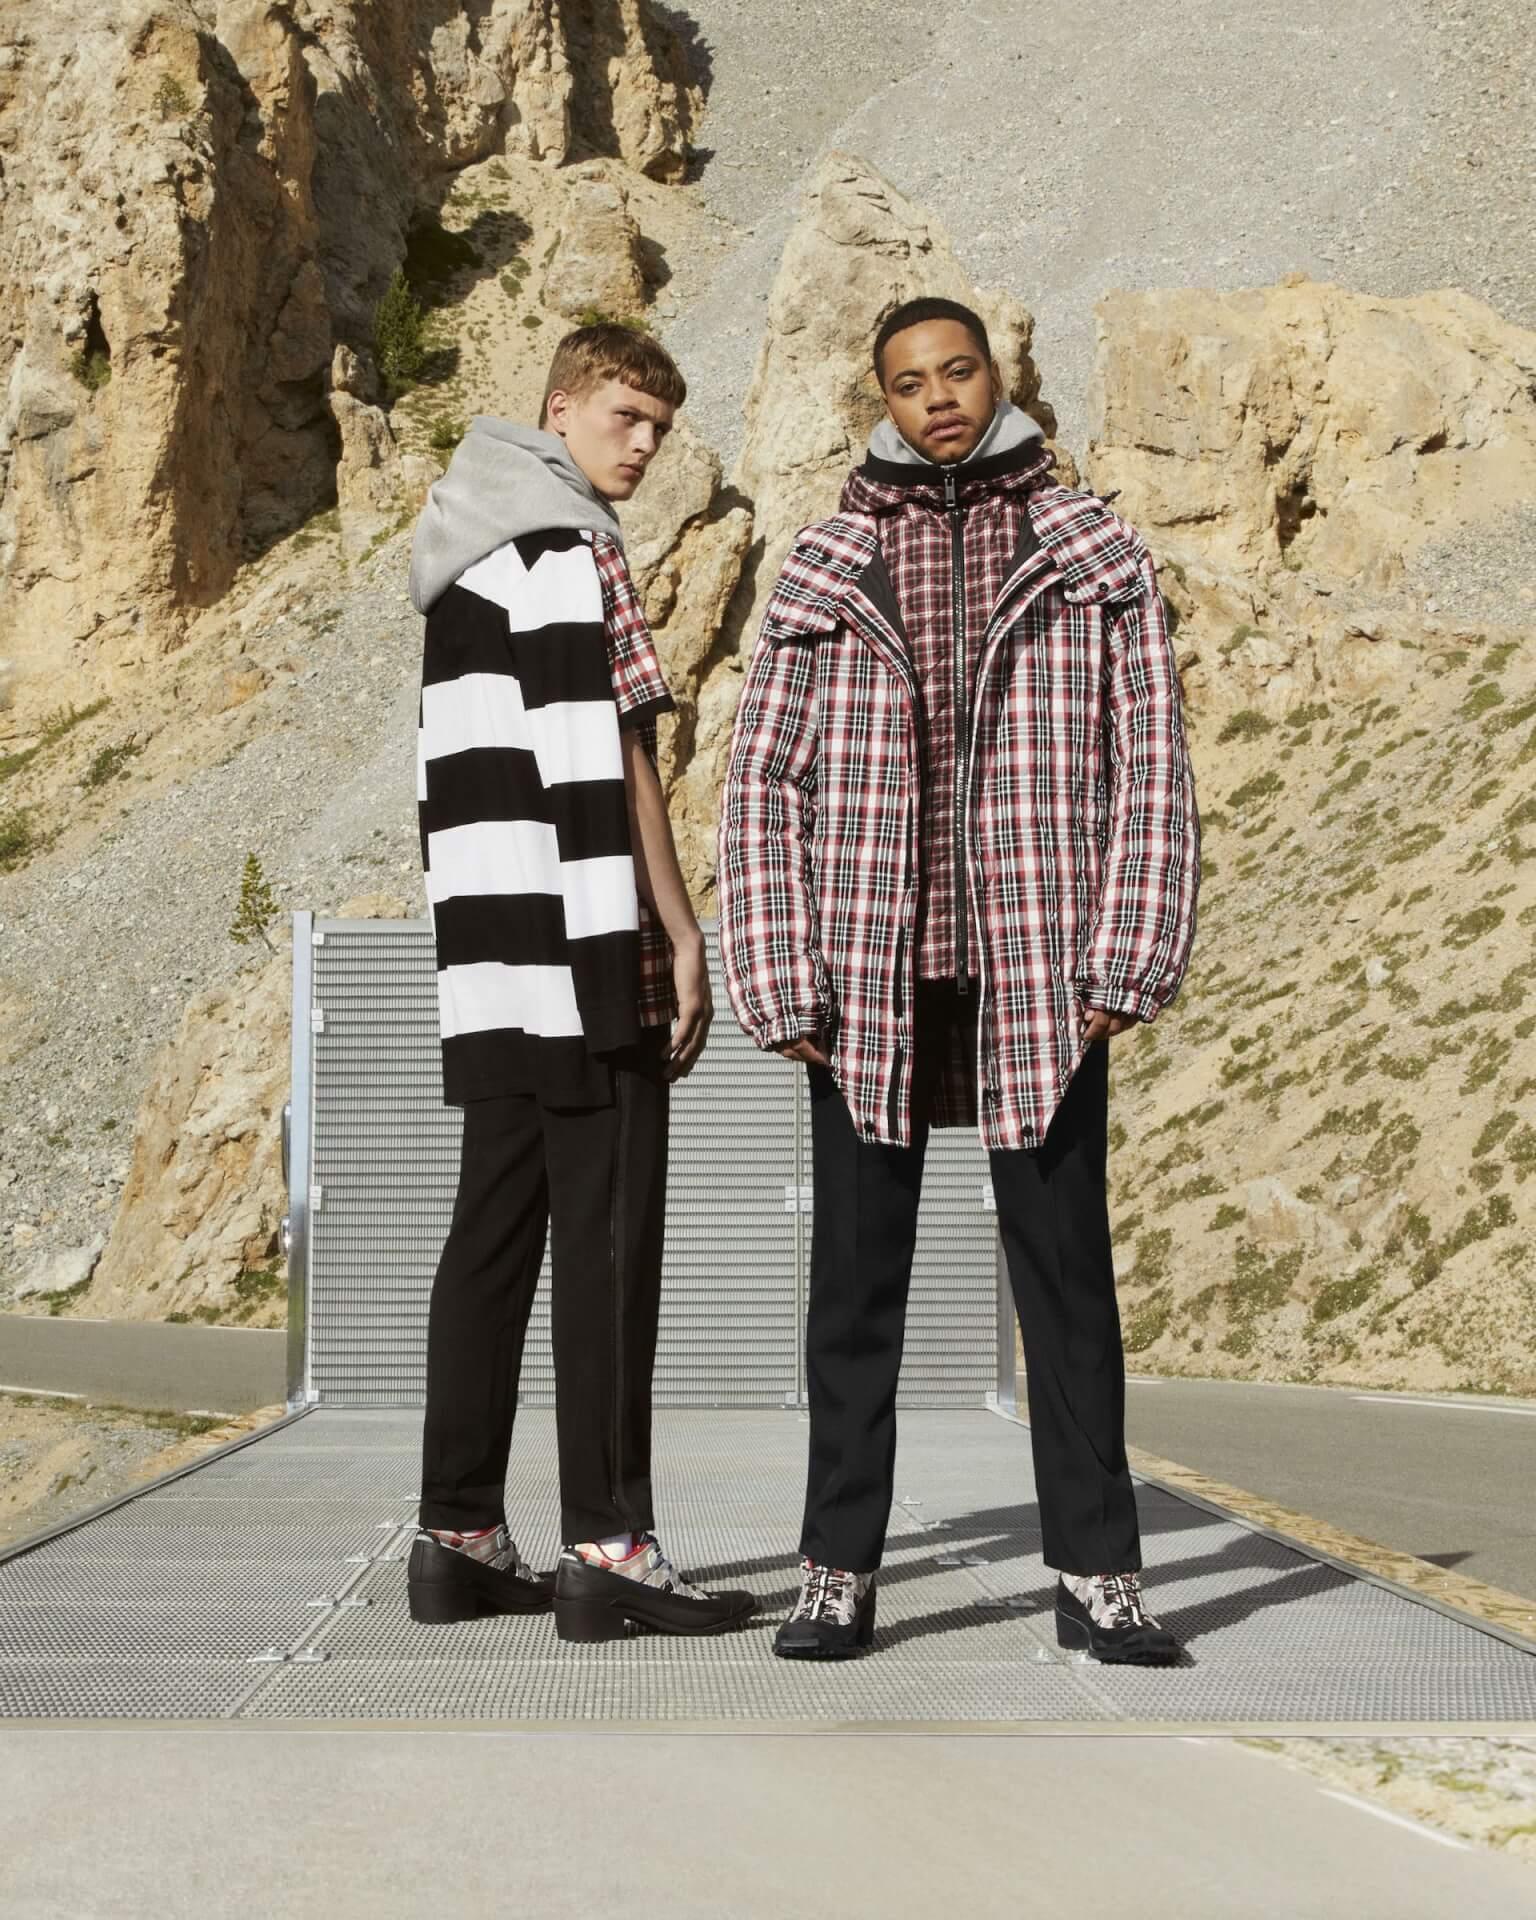 バーバリー2020年秋冬コレクションのキャンペーンが公開!マリアカルラ・ボスコーノやモナ・トゥガードらを起用 fashion2020924-Burberry8